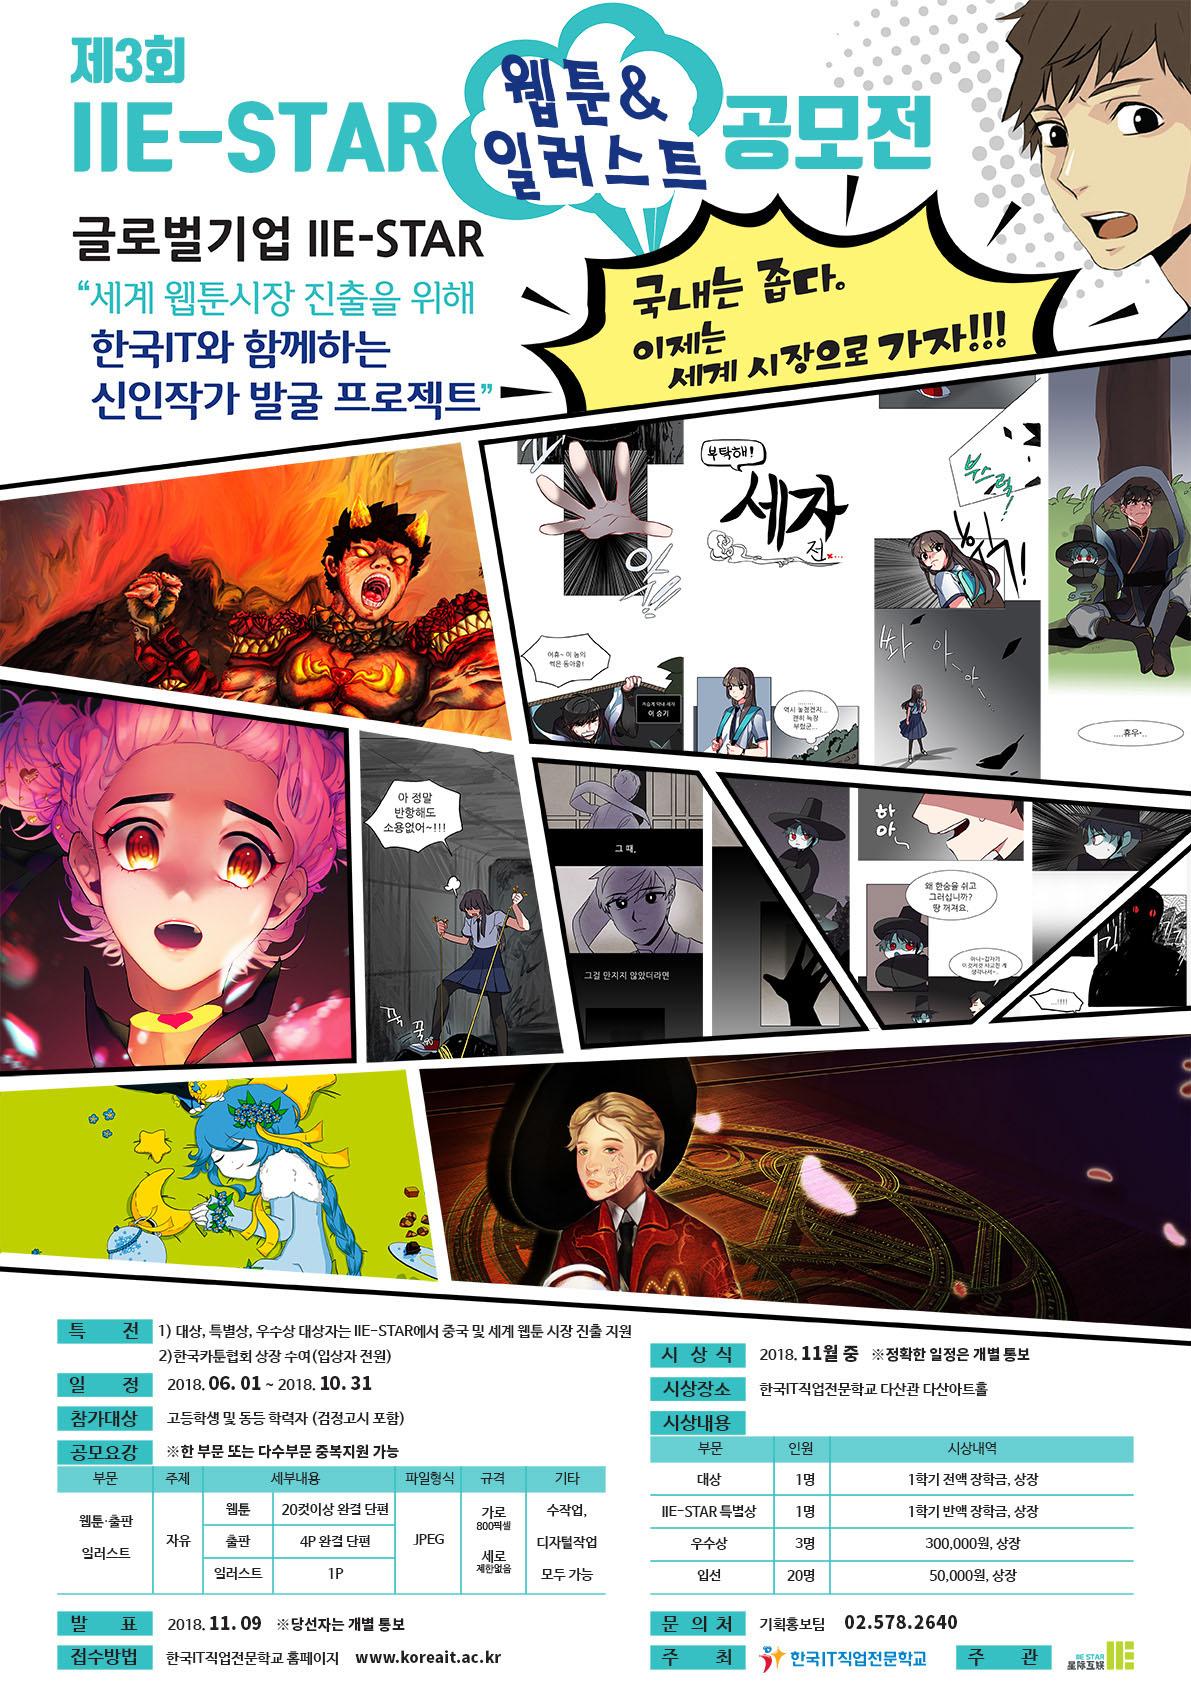 제3회 IIE-STAR 웹툰&일러스트 공모전 개최